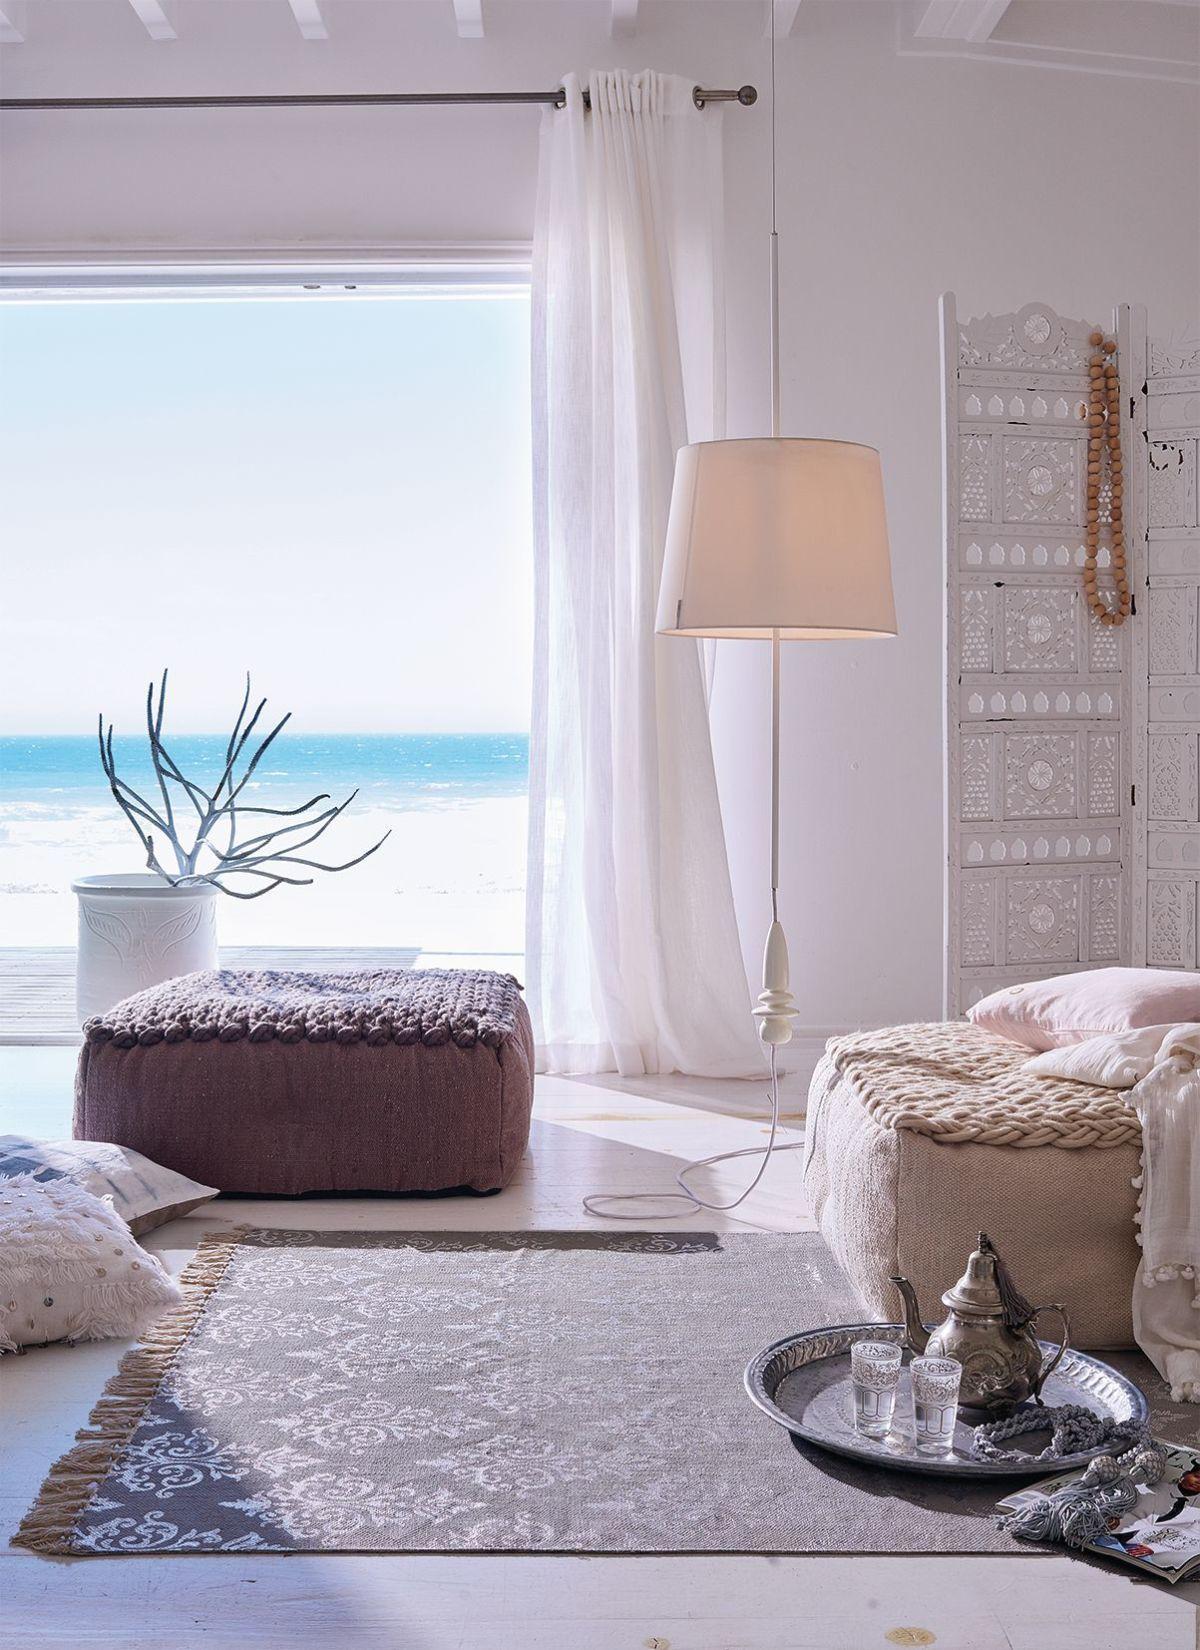 Bodenkissen Strick Look Baumwolle Wolle Sitzkissen Sitzmobel Living Home Decor Neutral Decor Home